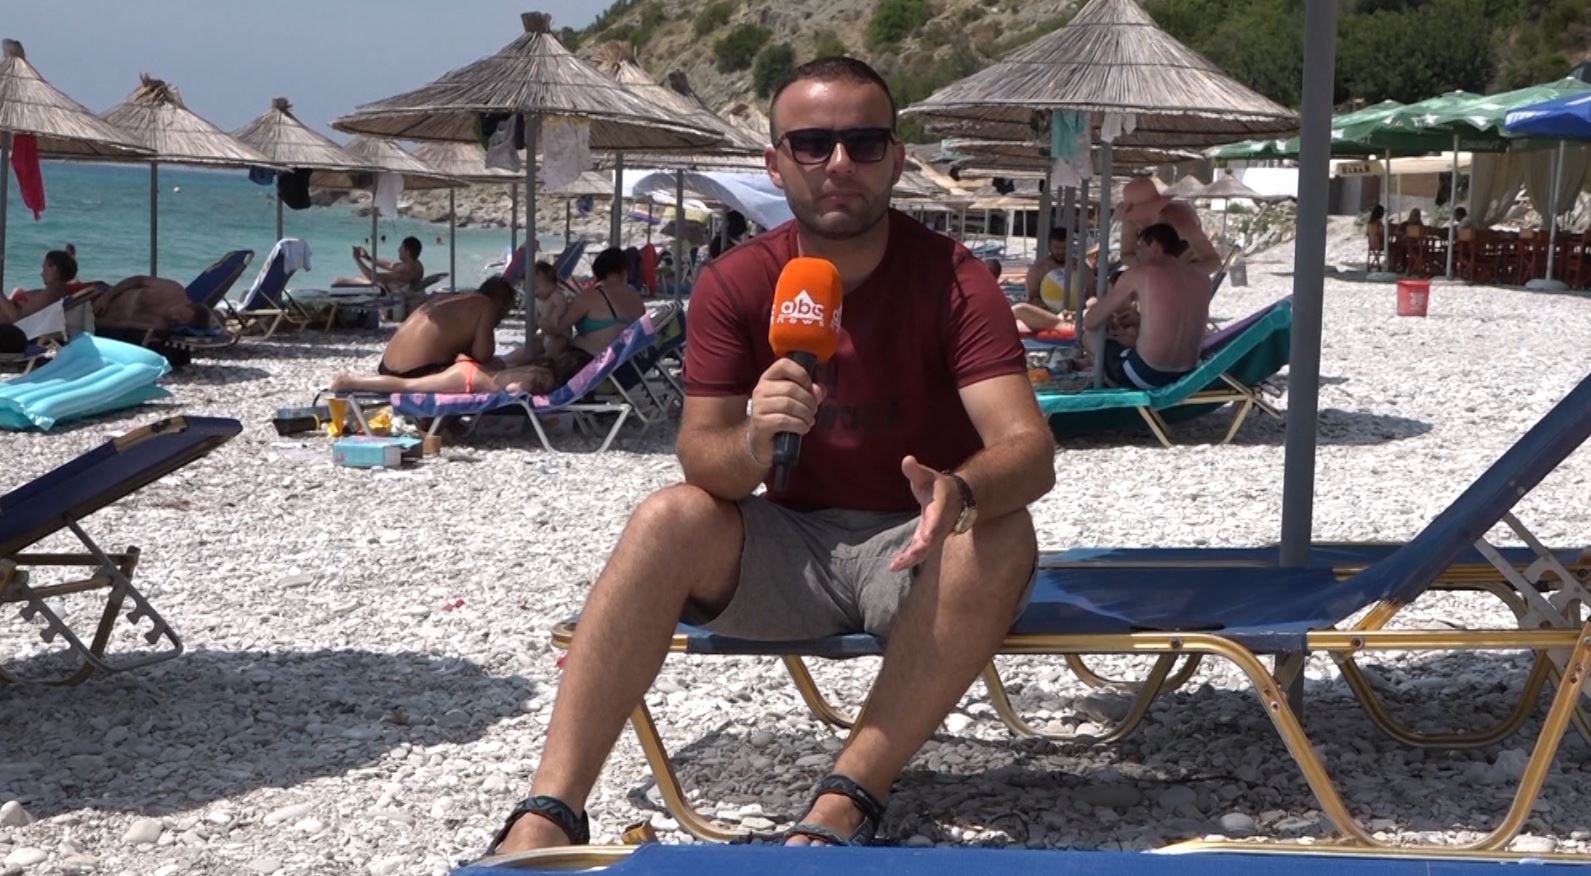 Buneci, plazhi ku me pak buxhet mund të kaloni pushime të paharrueshme